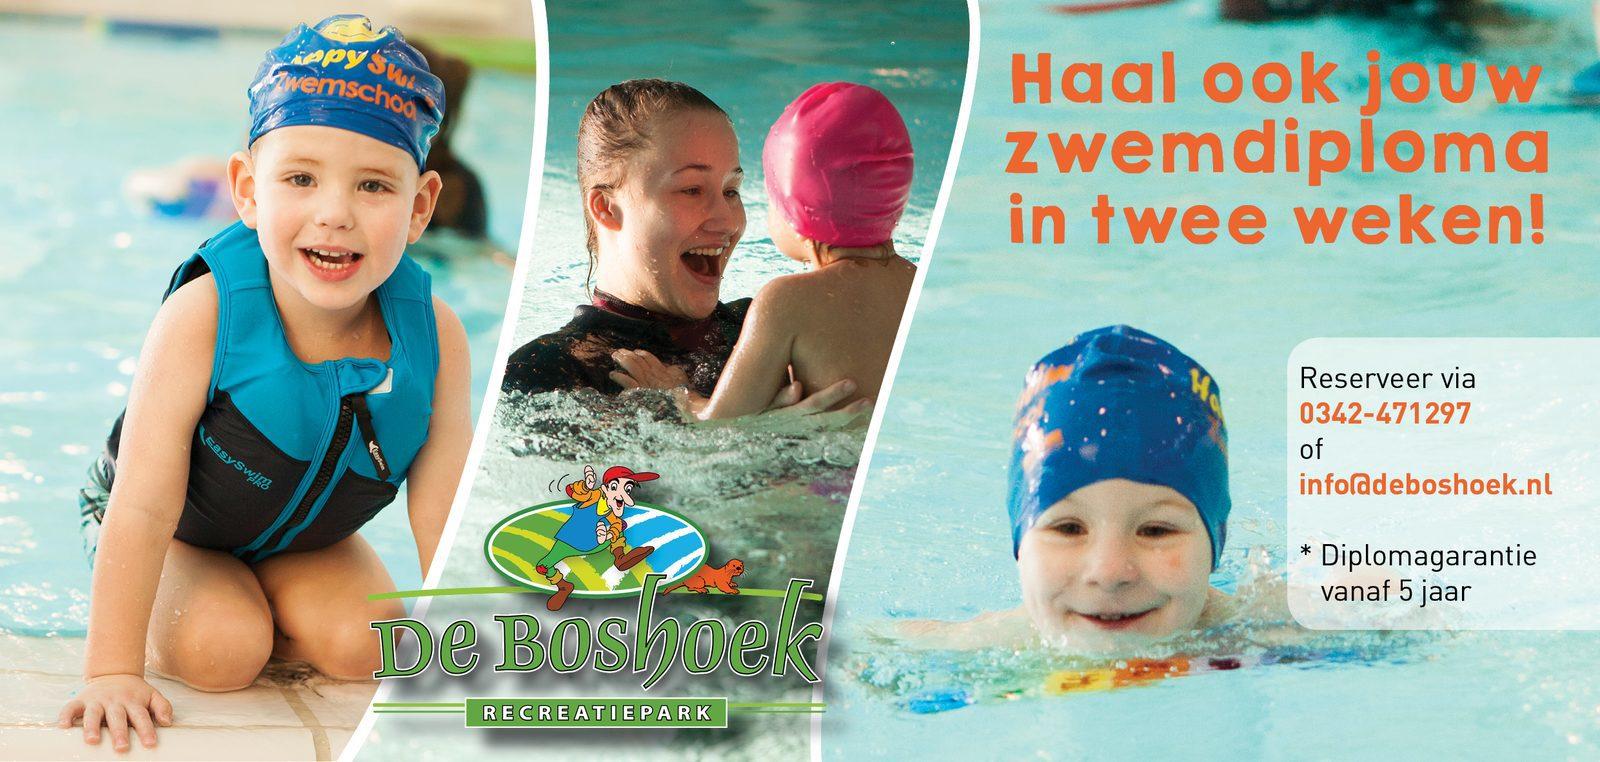 Haal je zwemdiploma tijdens vakantie op Recreatiepark De Boshoek